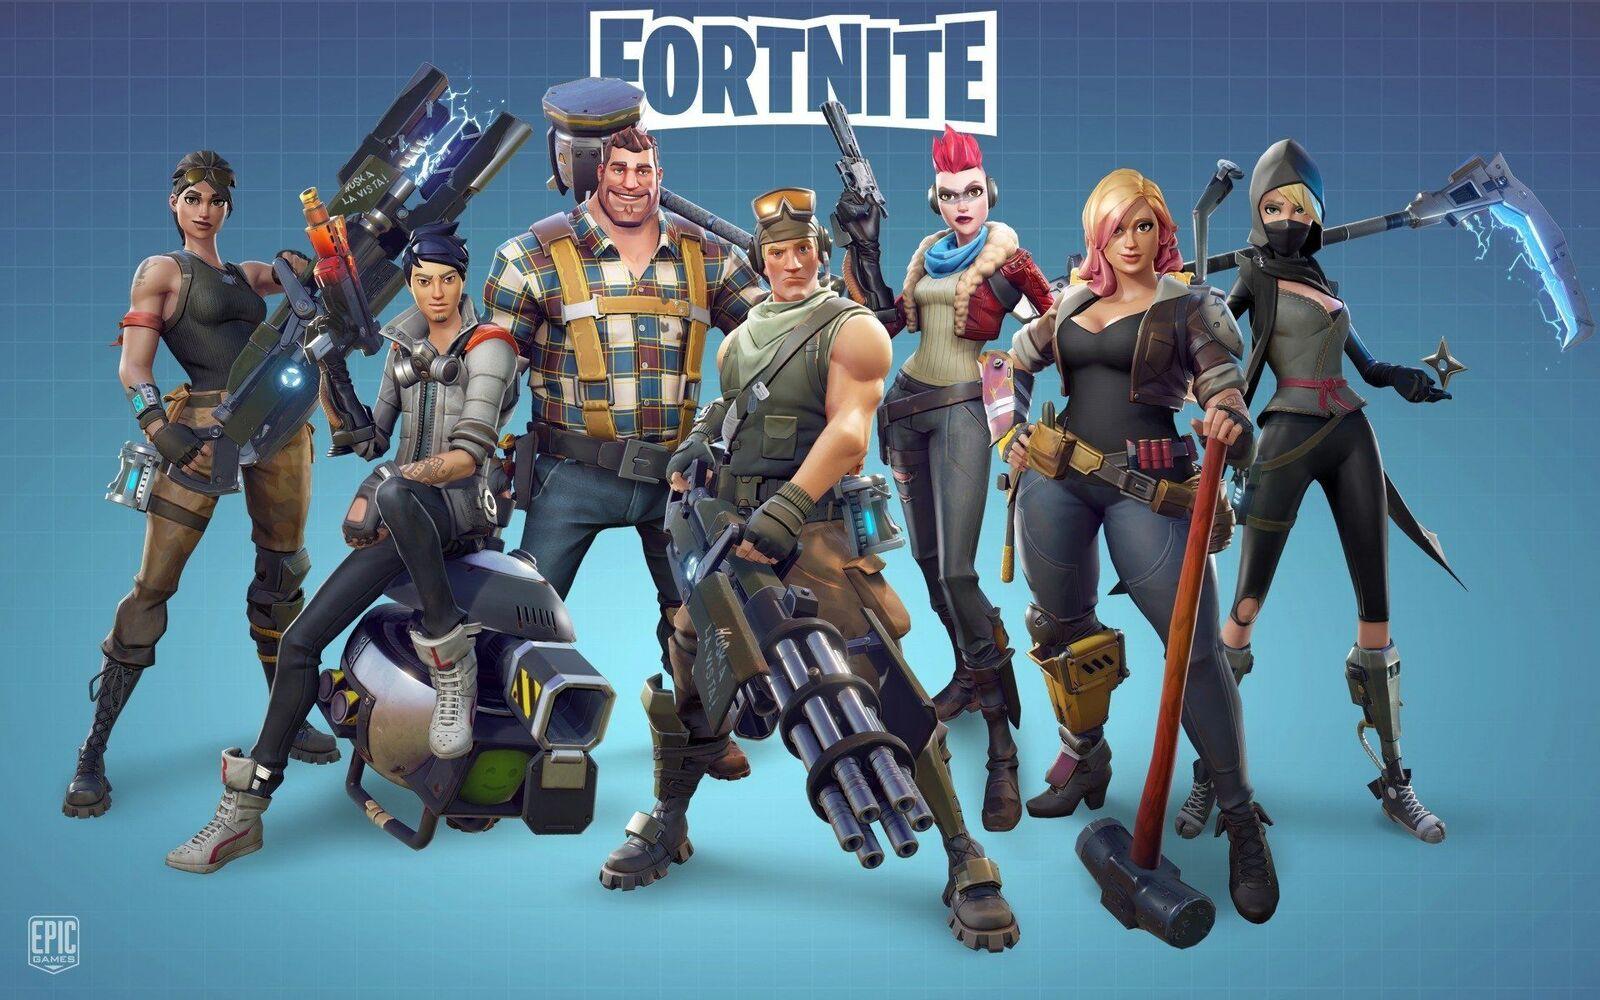 خلفيات لعبة Fortnite عالية الدقة خلفية 4k لعبة فورت نايت لعبة فورت نايت بالصور صقور الإبدآع